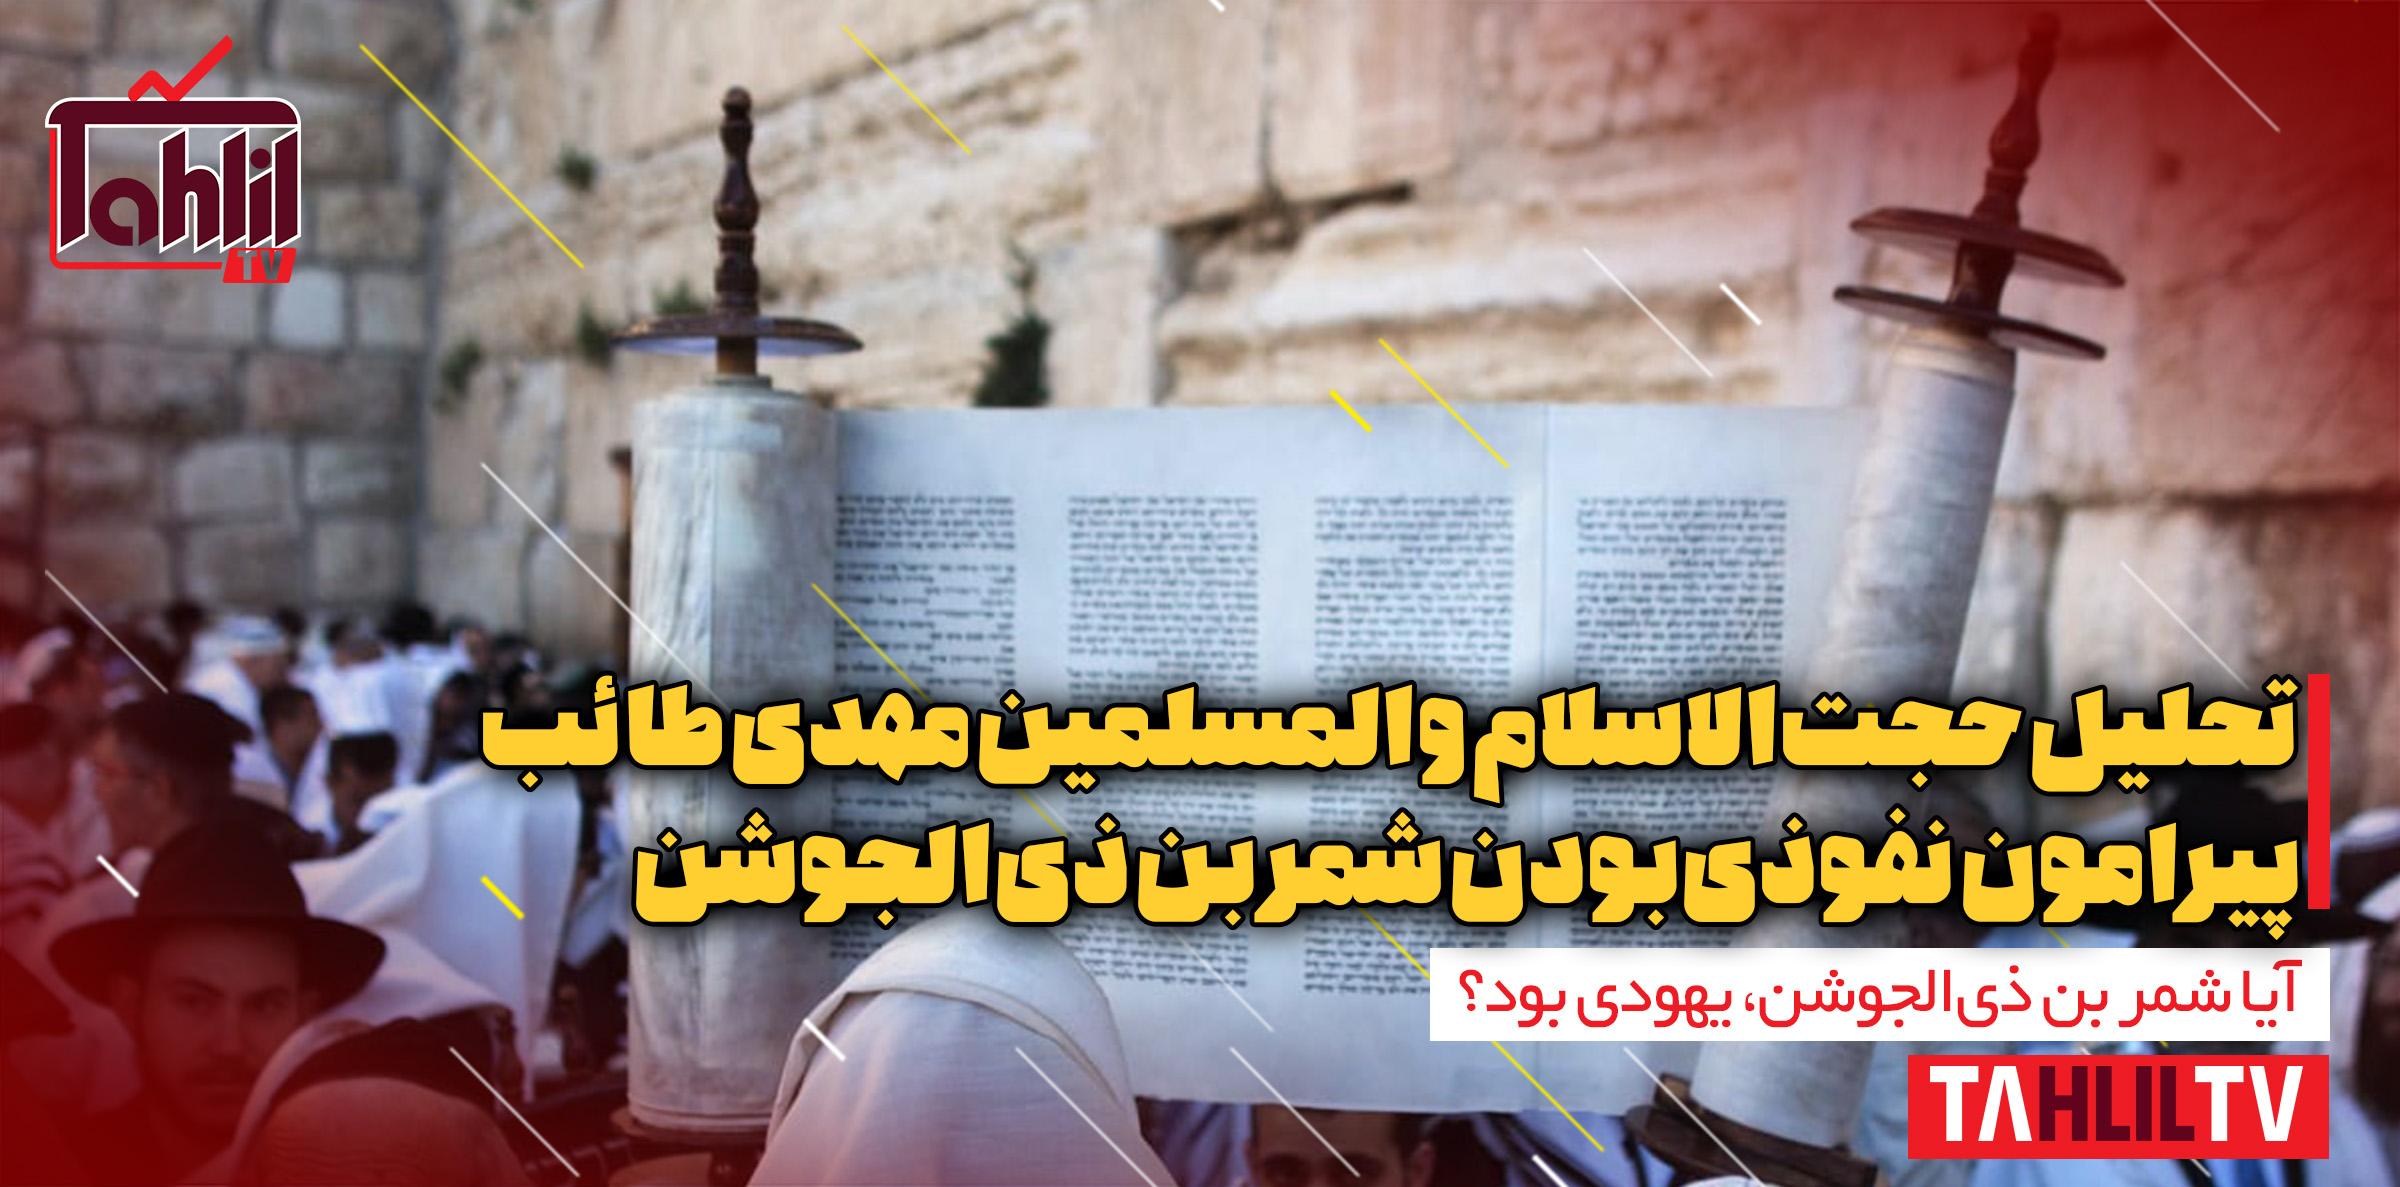 شمر بن ذیالجوشن نفوذی یهود بود